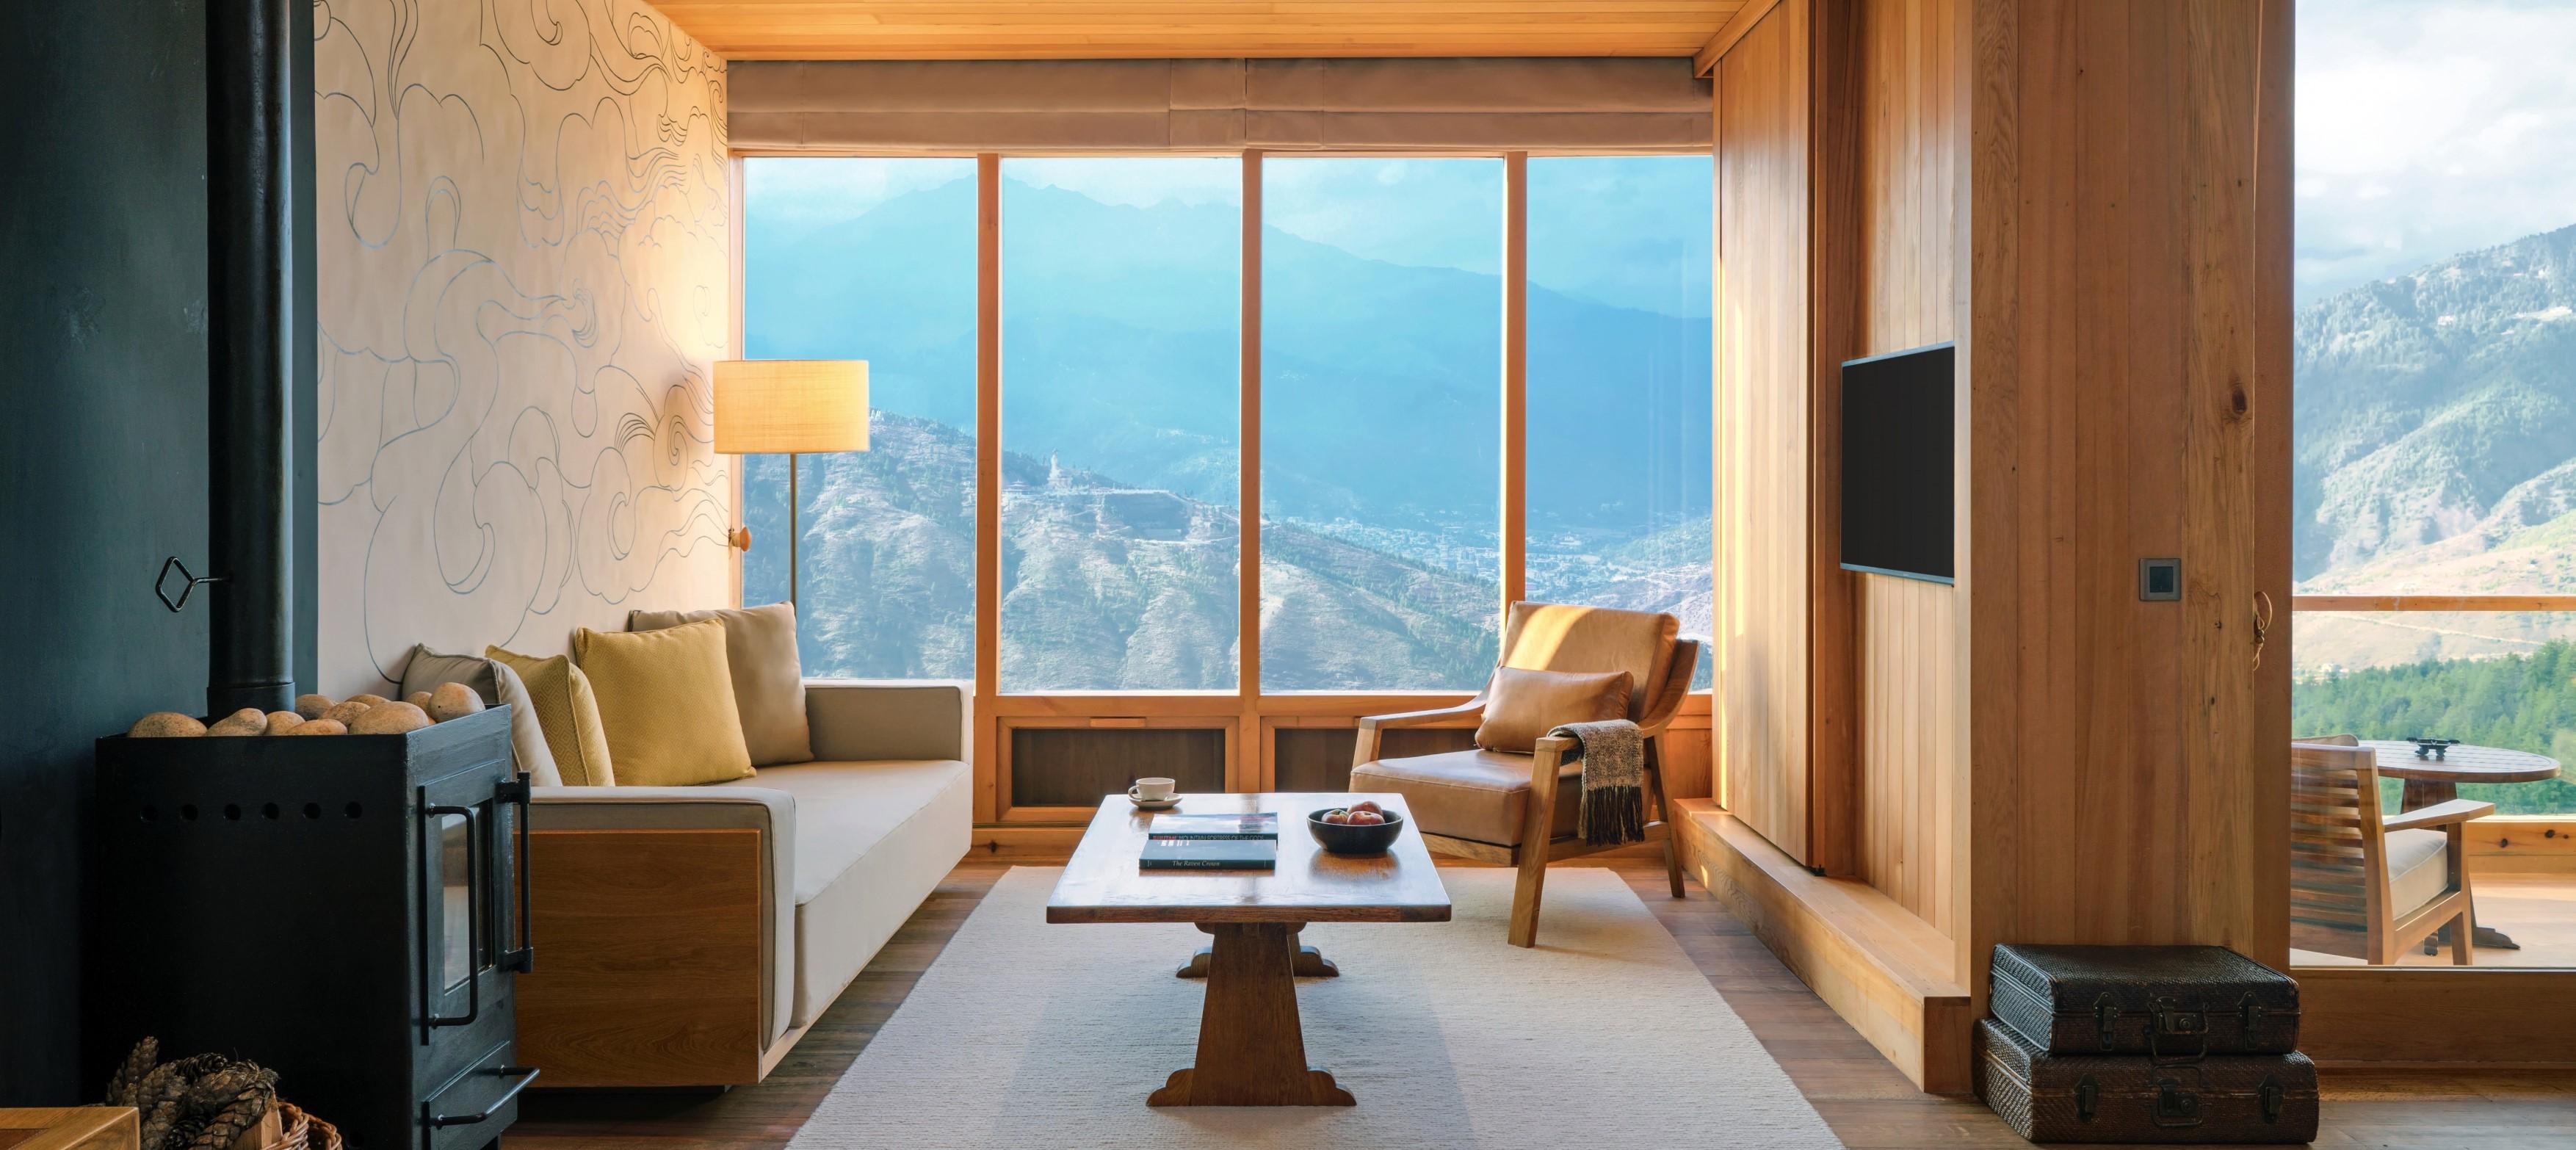 six-senses-thimphu-suite-lounge